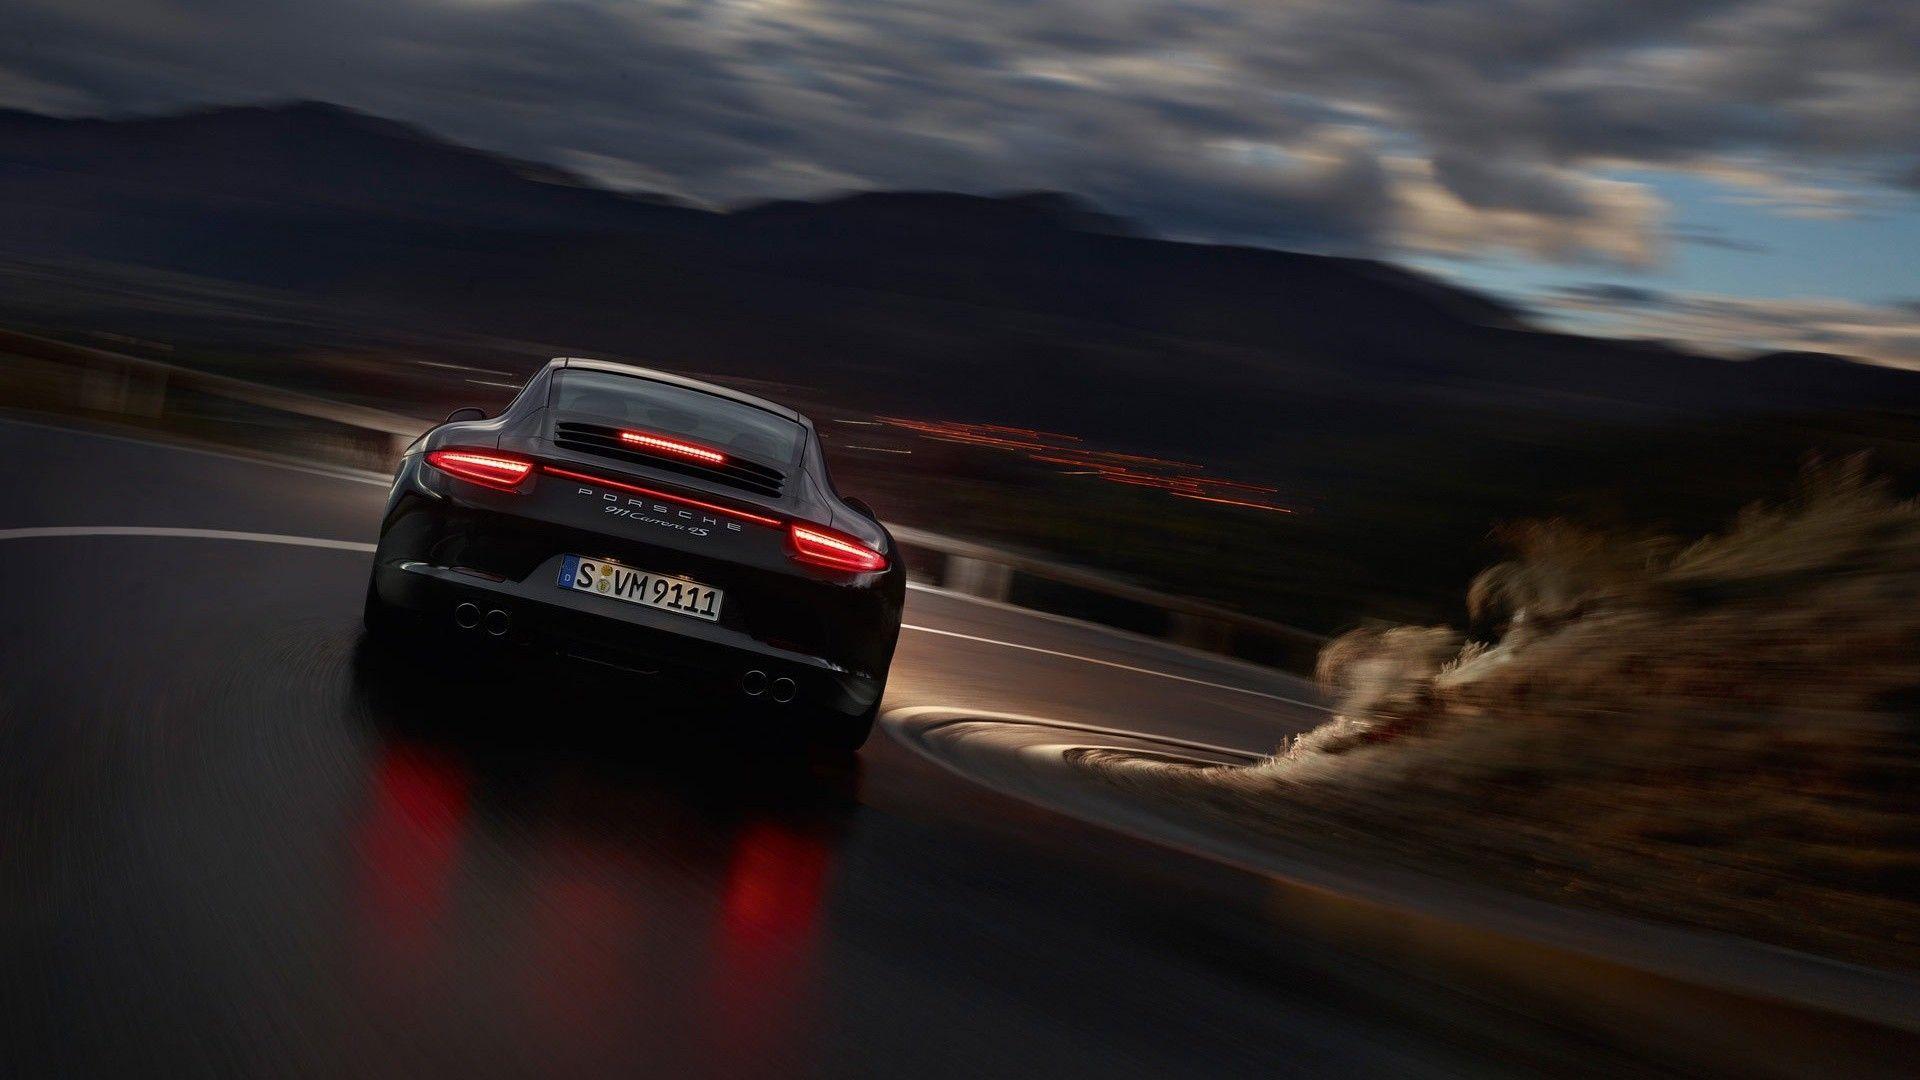 7180x3992 27 4K Ultra HD Porsche Wallpapers